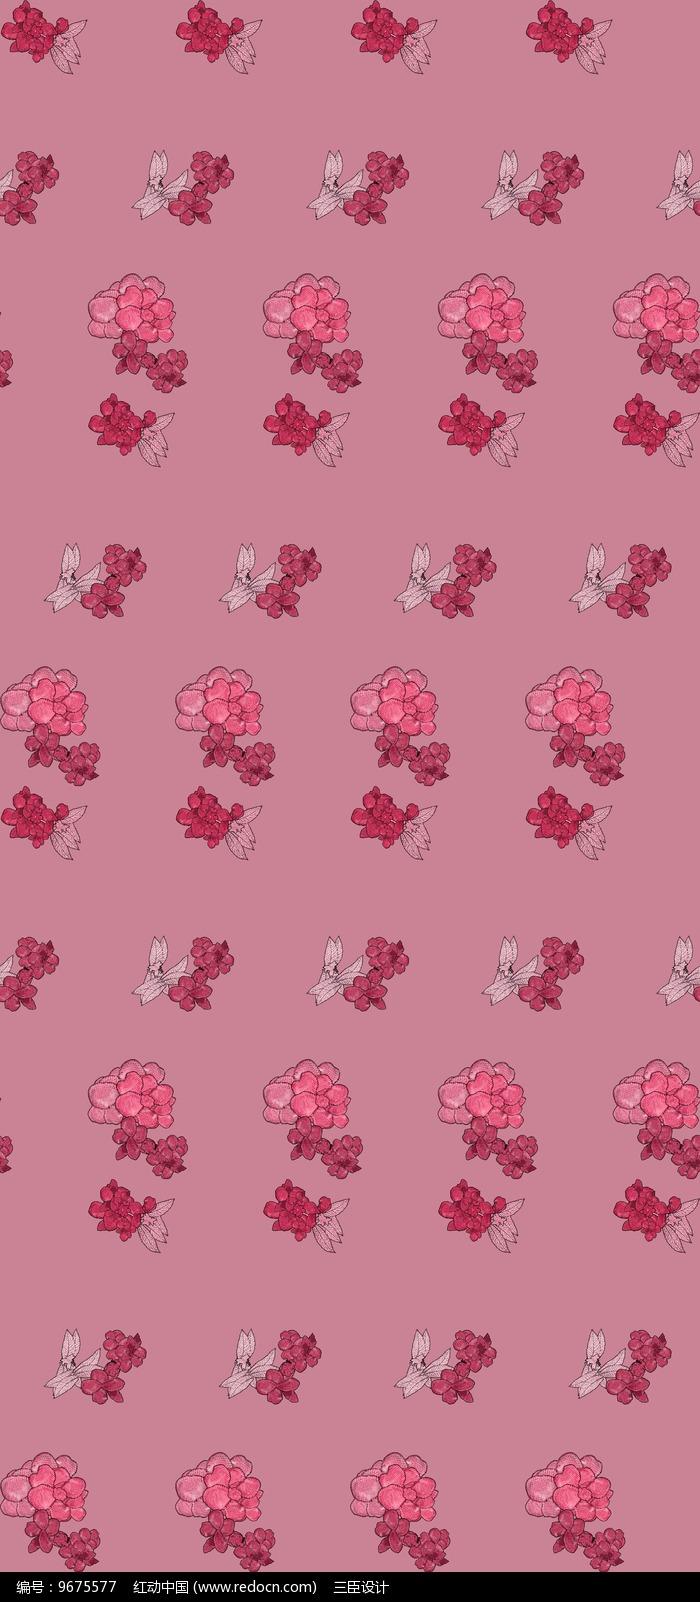 粉色小碎花阵列背景图图片